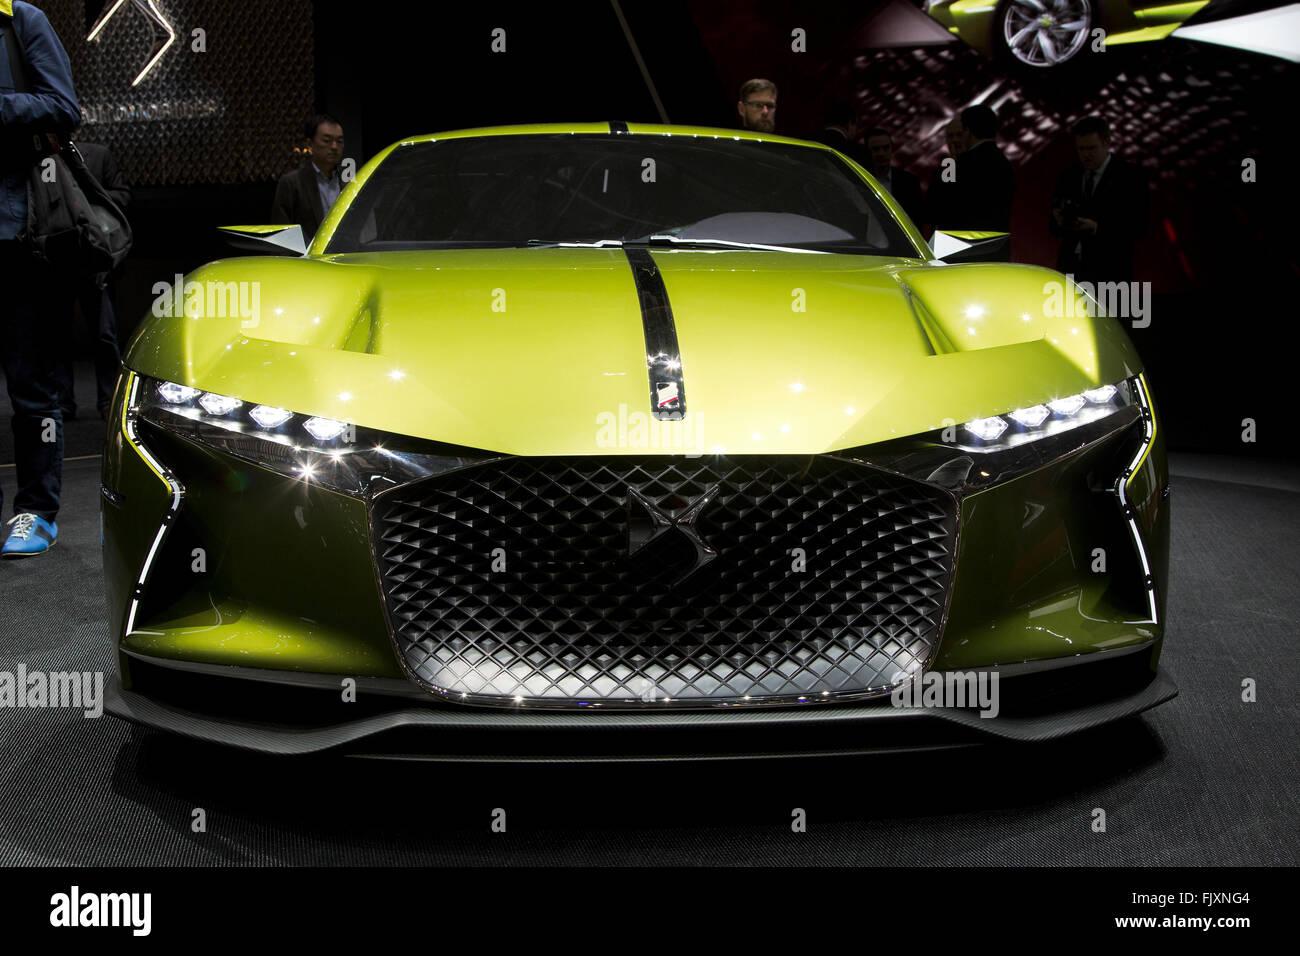 DS E-tensa electric concept car en el Salón del Automóvil de Ginebra 2016 Imagen De Stock